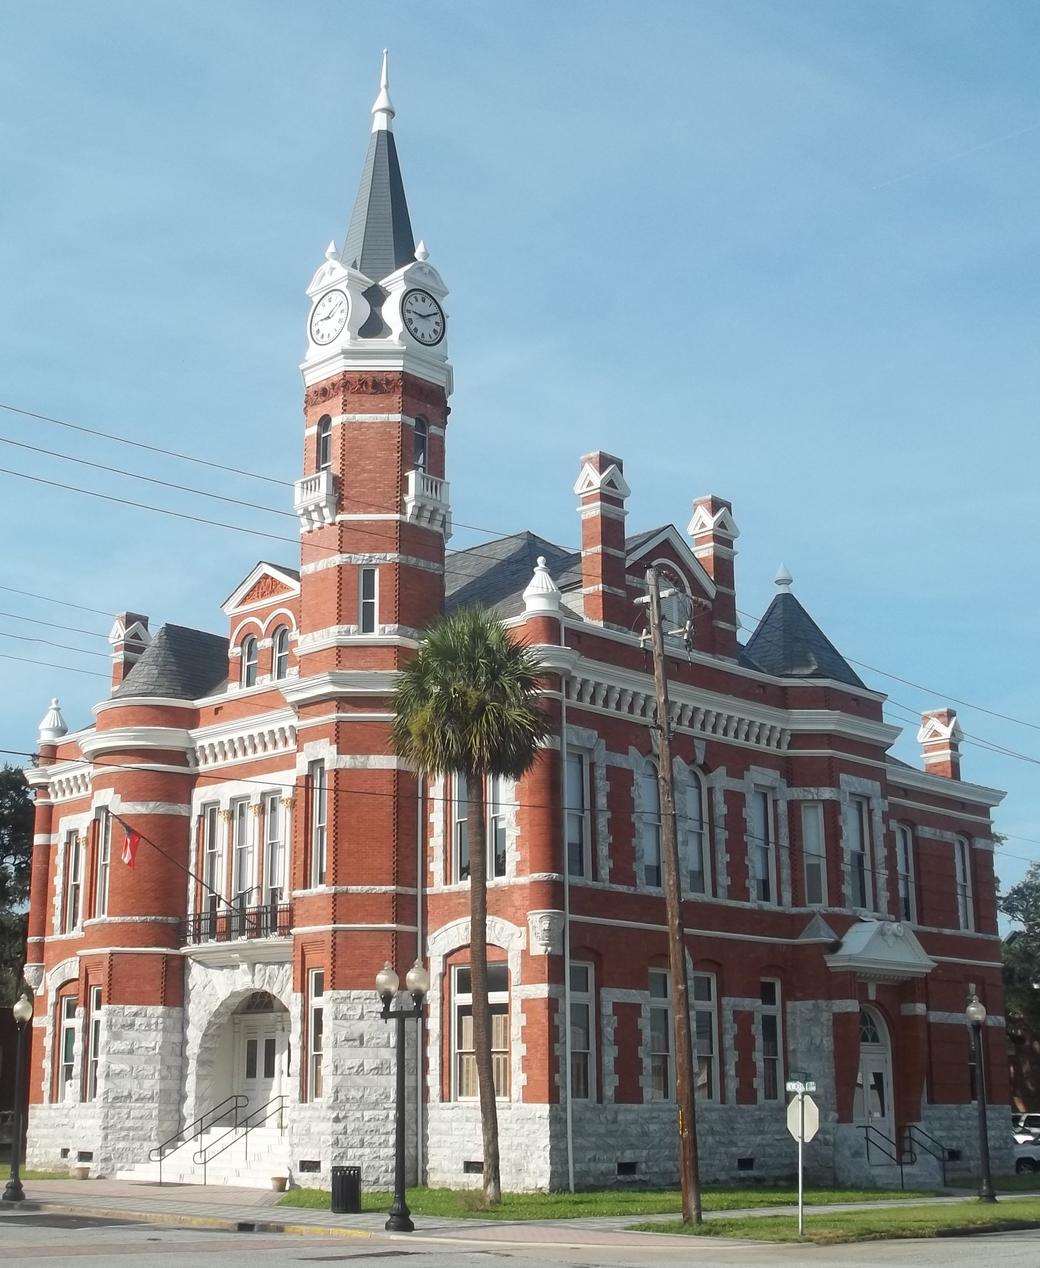 Brunswick Courthouse